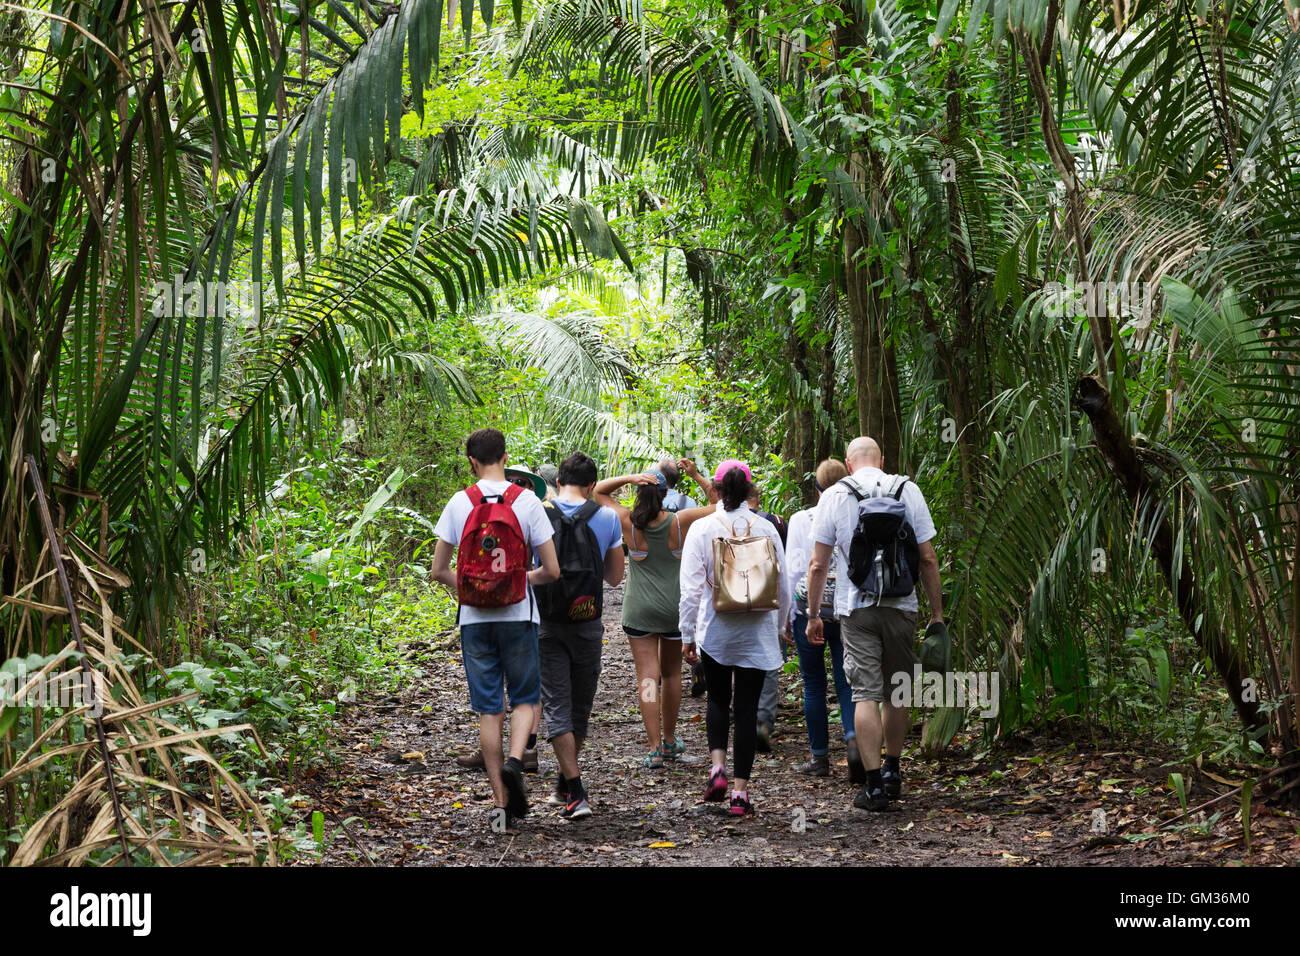 Les visiteurs de marcher dans la forêt tropicale dans une visite guidée, Monteverde, Costa Rica, Amérique Centrale Banque D'Images